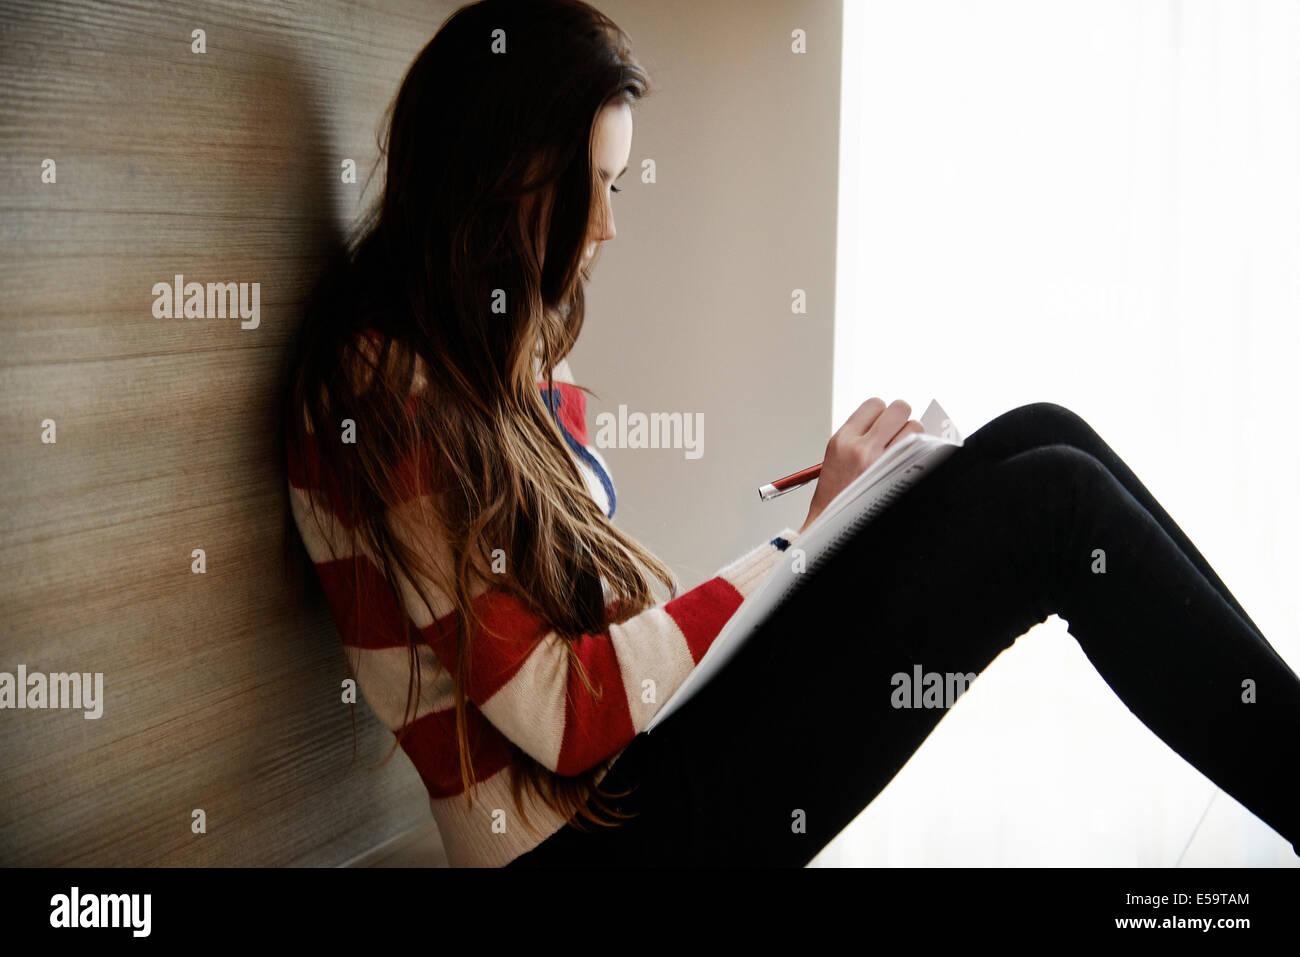 Adolescente escrito en el bloc de notas Imagen De Stock